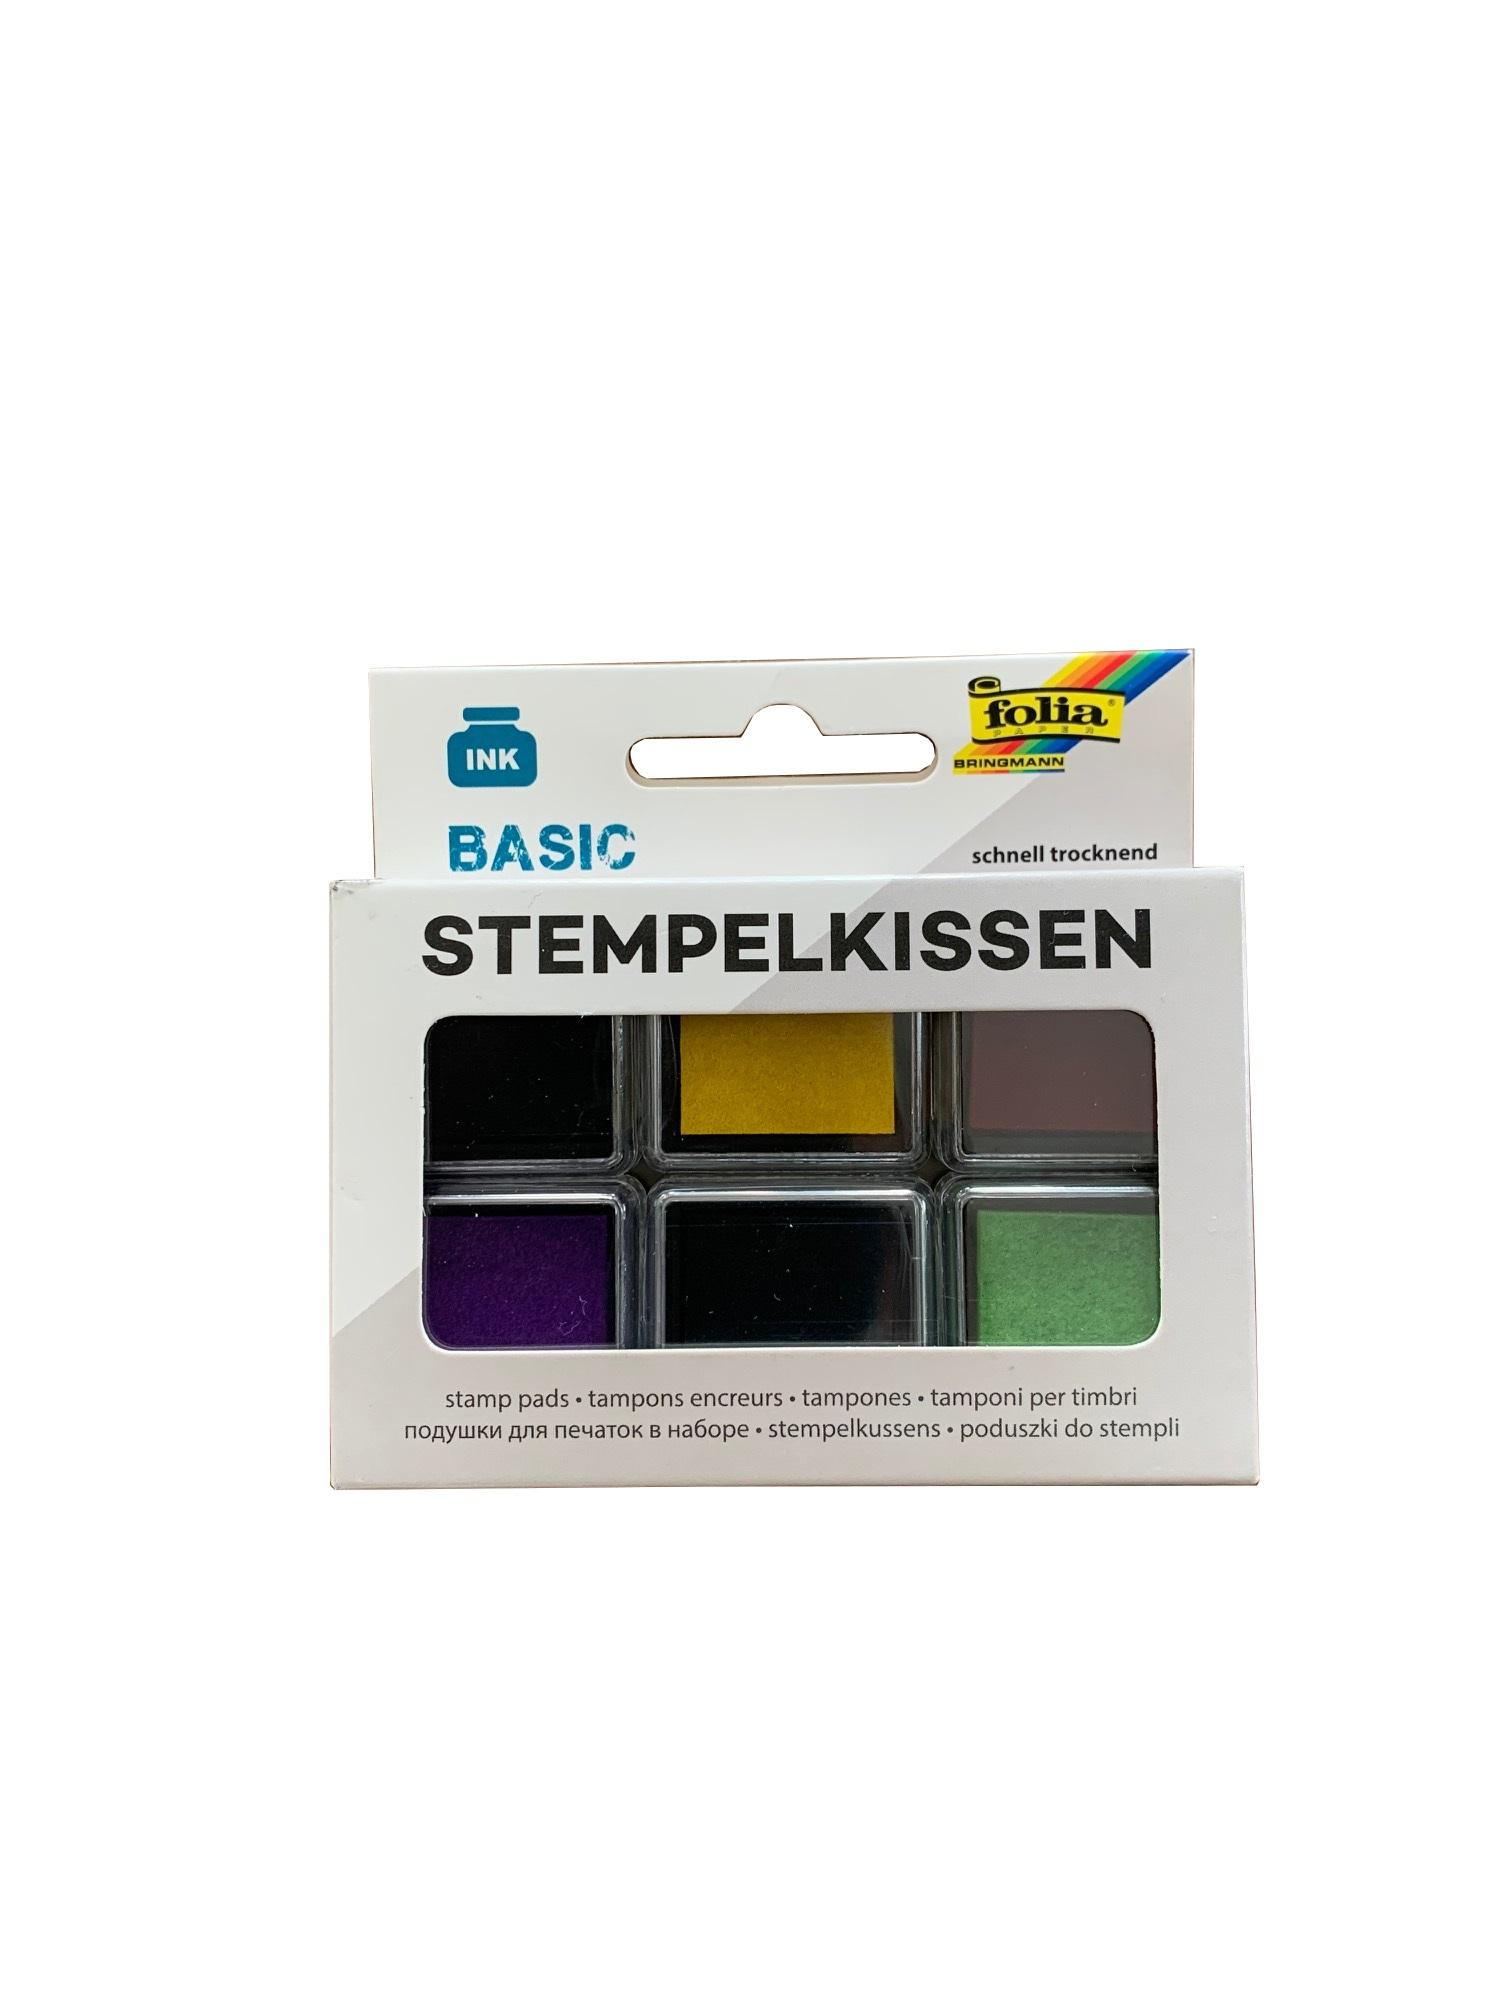 folia 30180 Stempelkissen Set BASIC, 6 Stück farbig sortiert